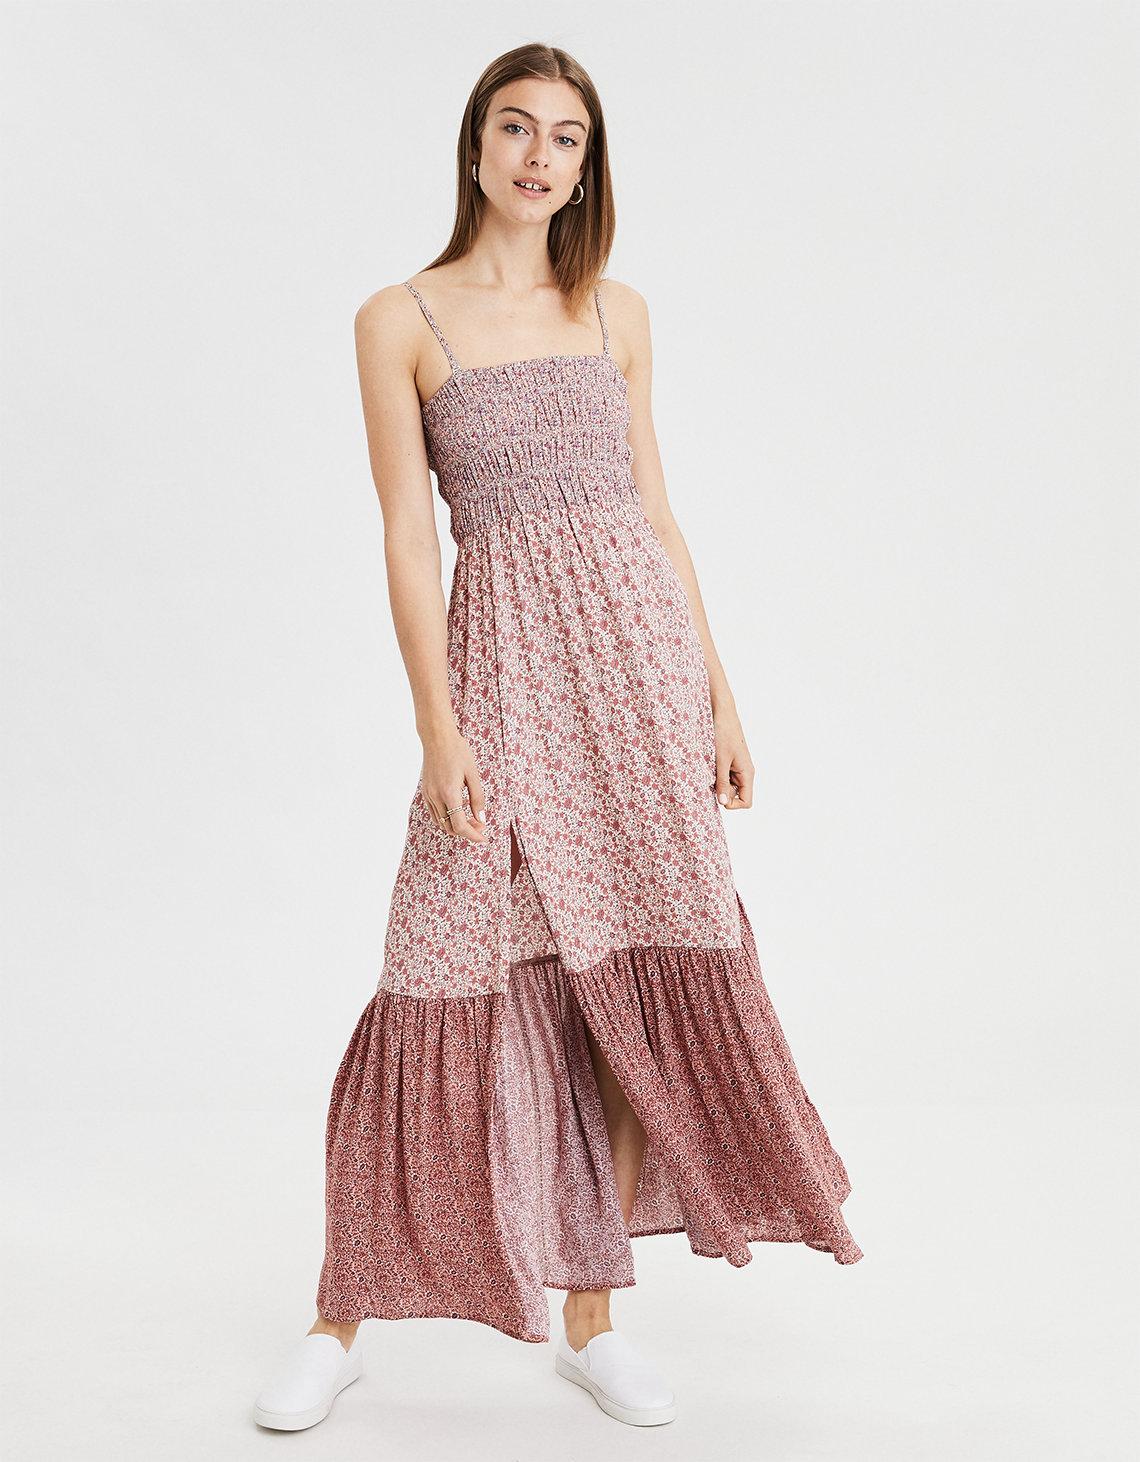 264f08876a5 AE Print Mix Tube Dress